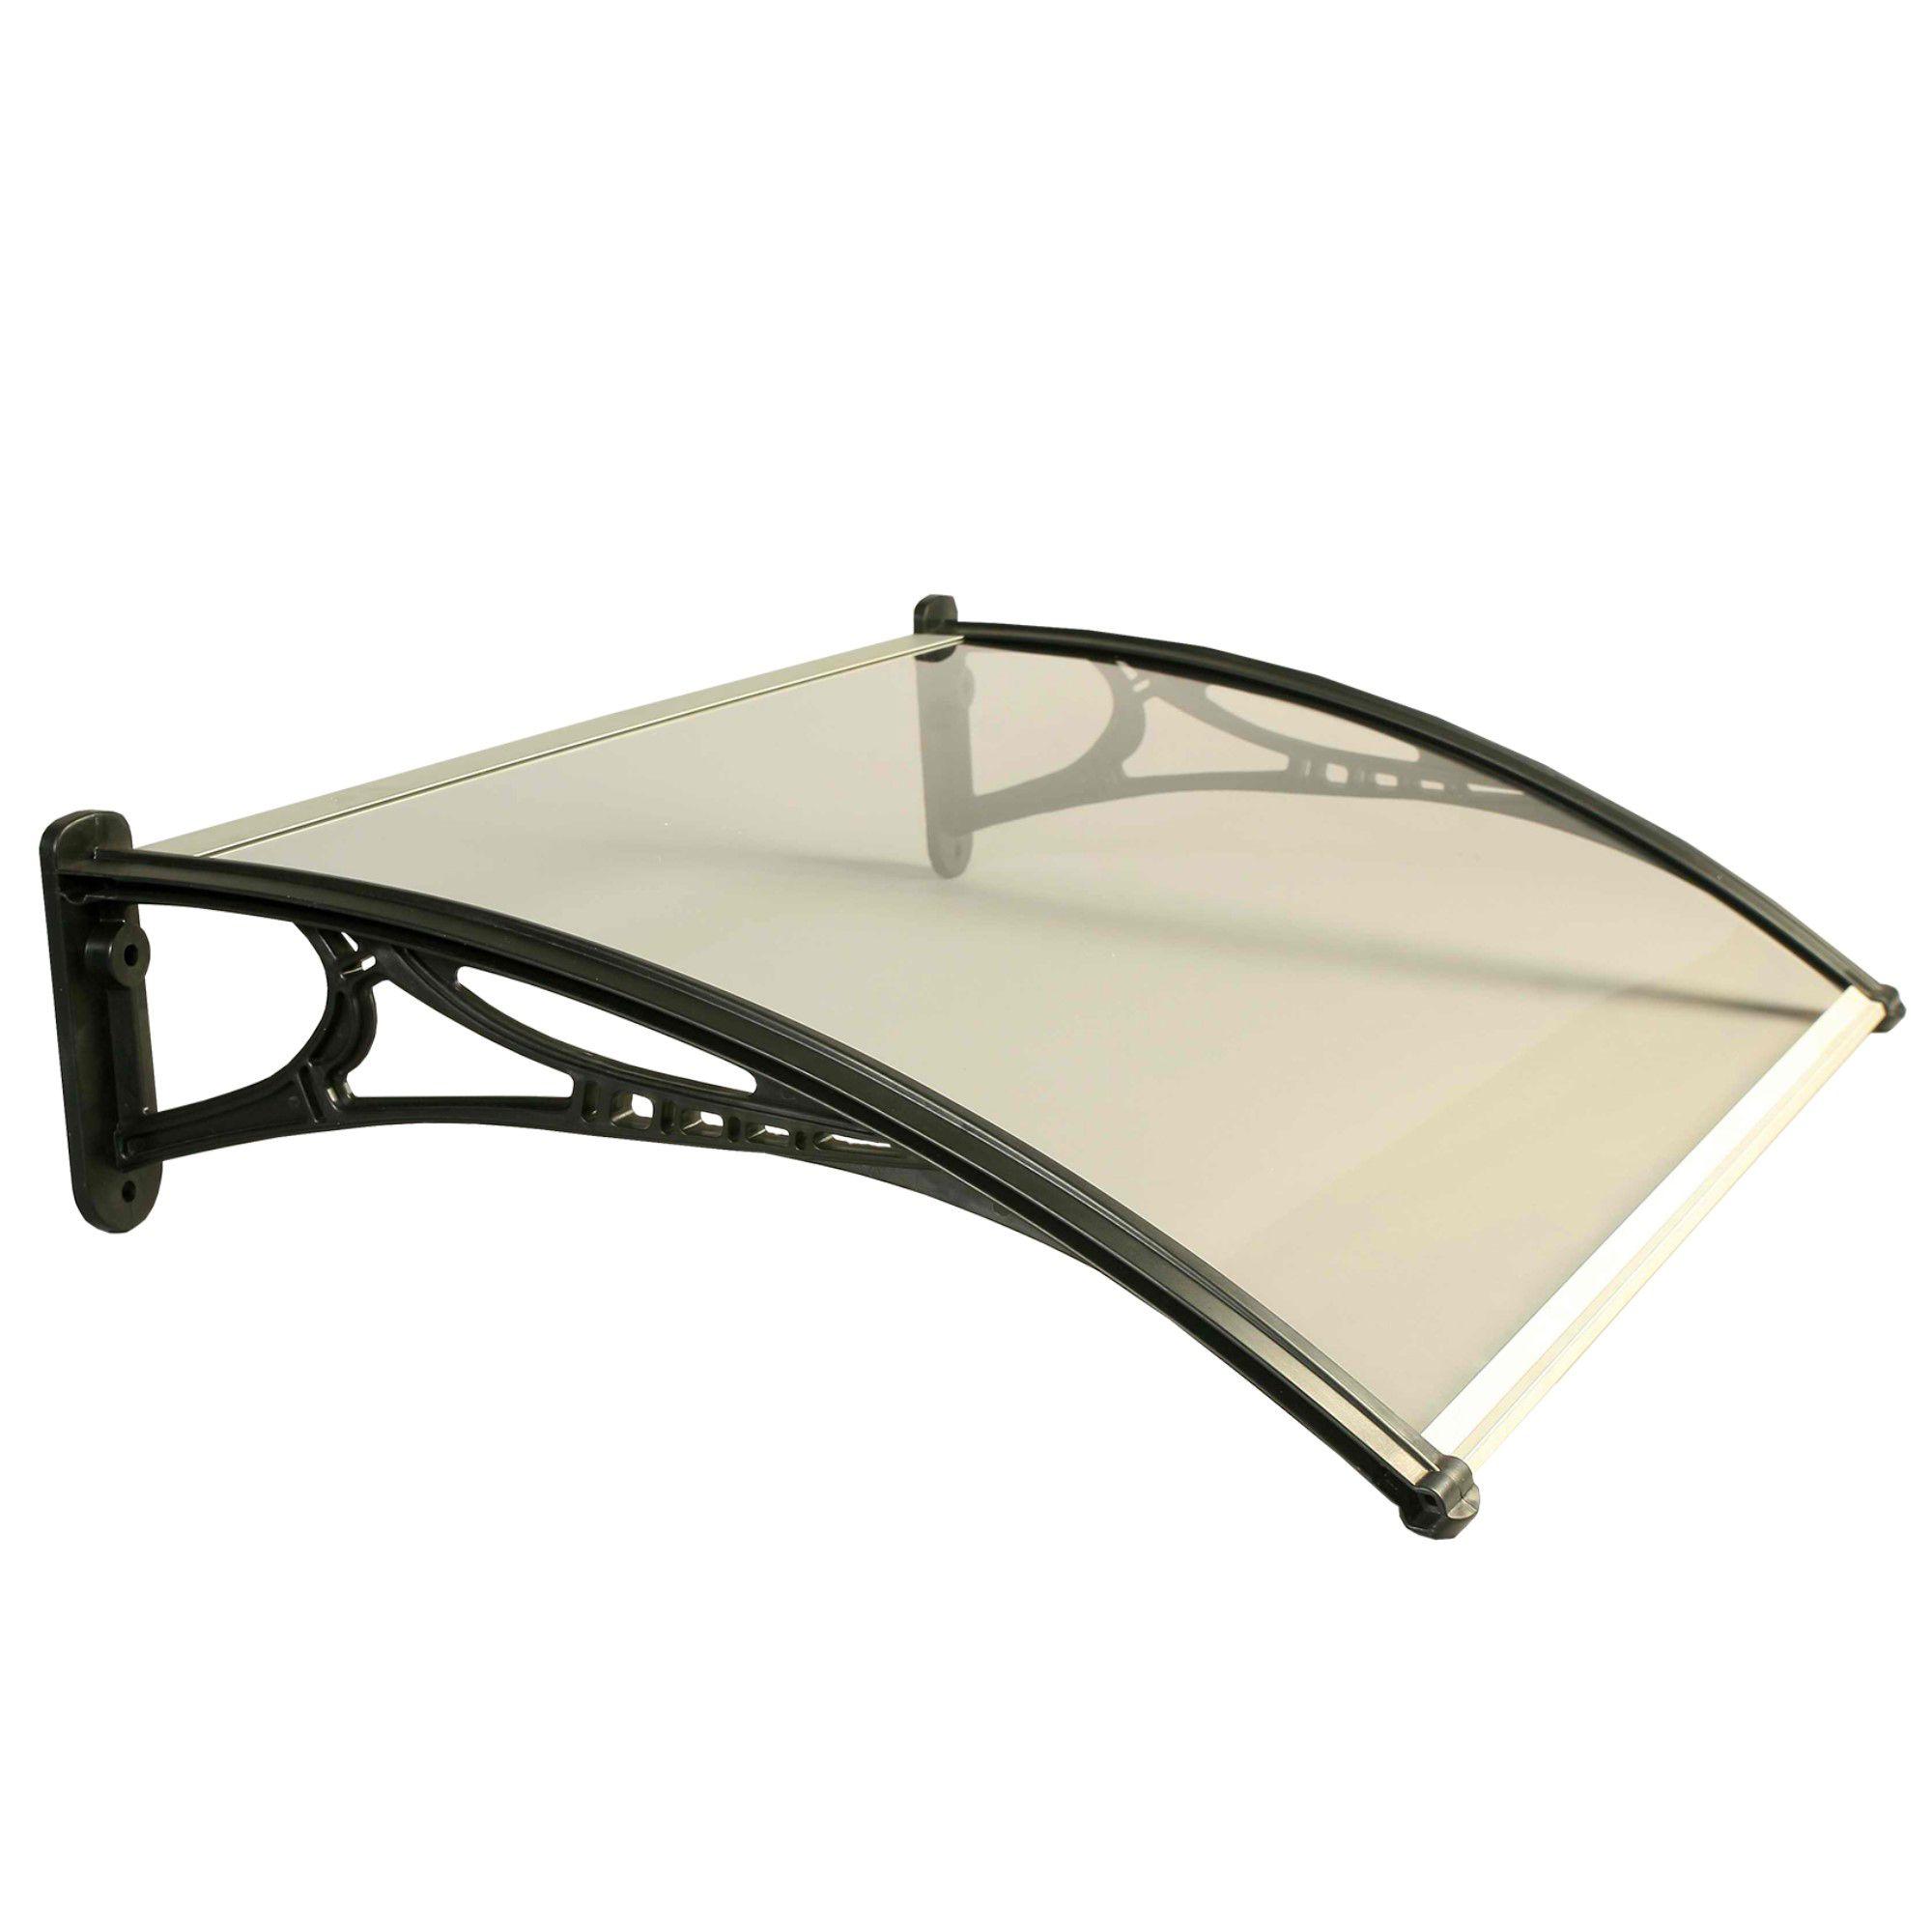 Door Canopy Bq Door Inspiration For Your Home